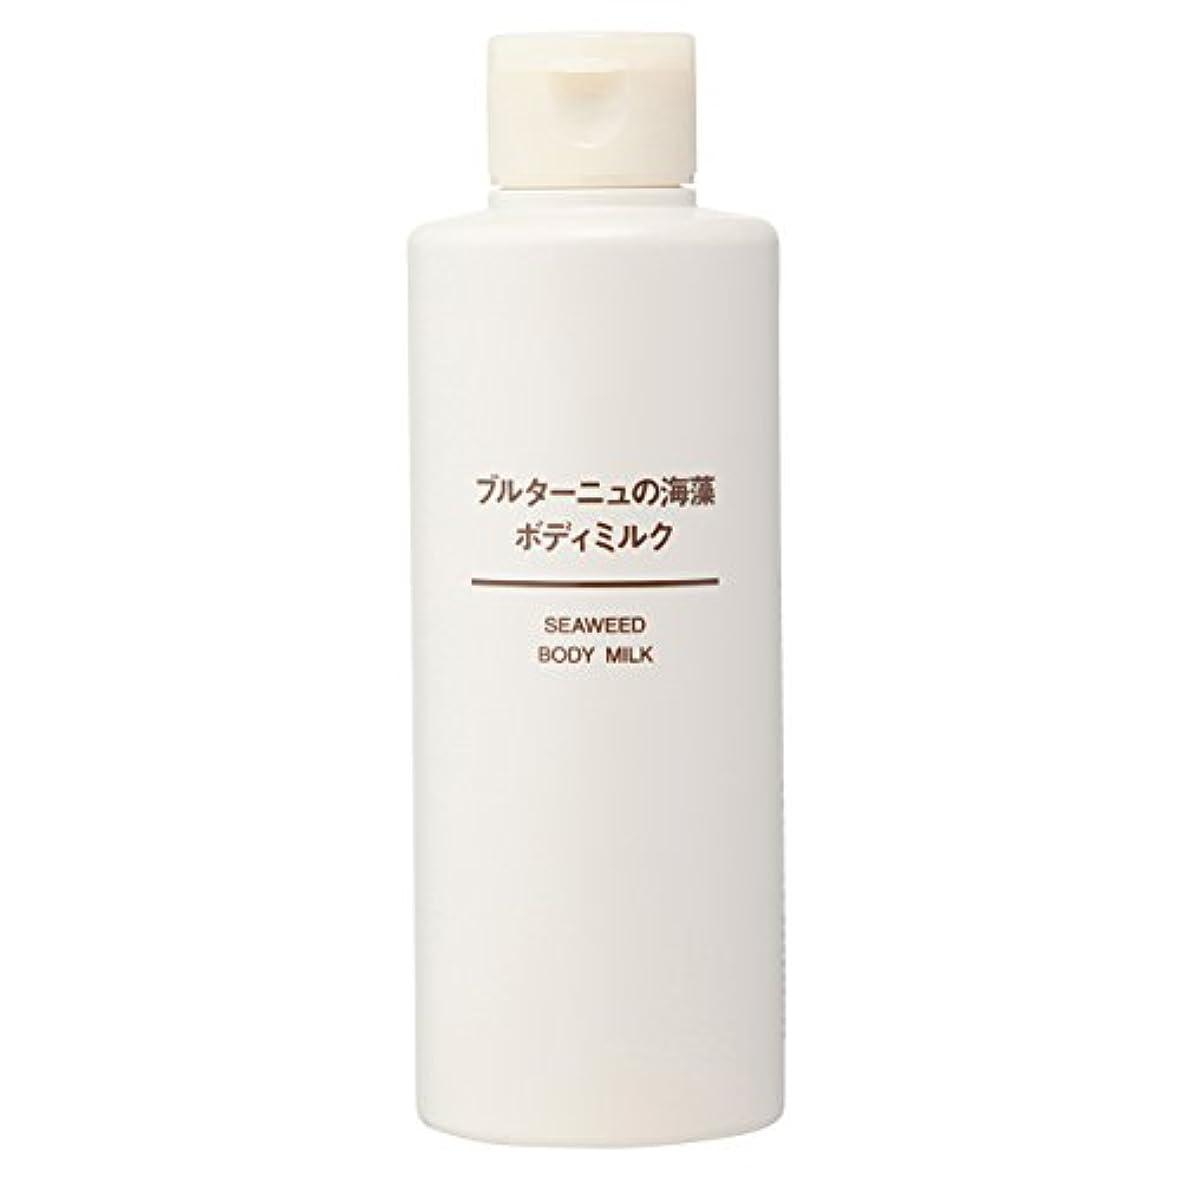 壁紙悪の提供する無印良品 ブルターニュの海藻 ボディミルク 200ml 日本製